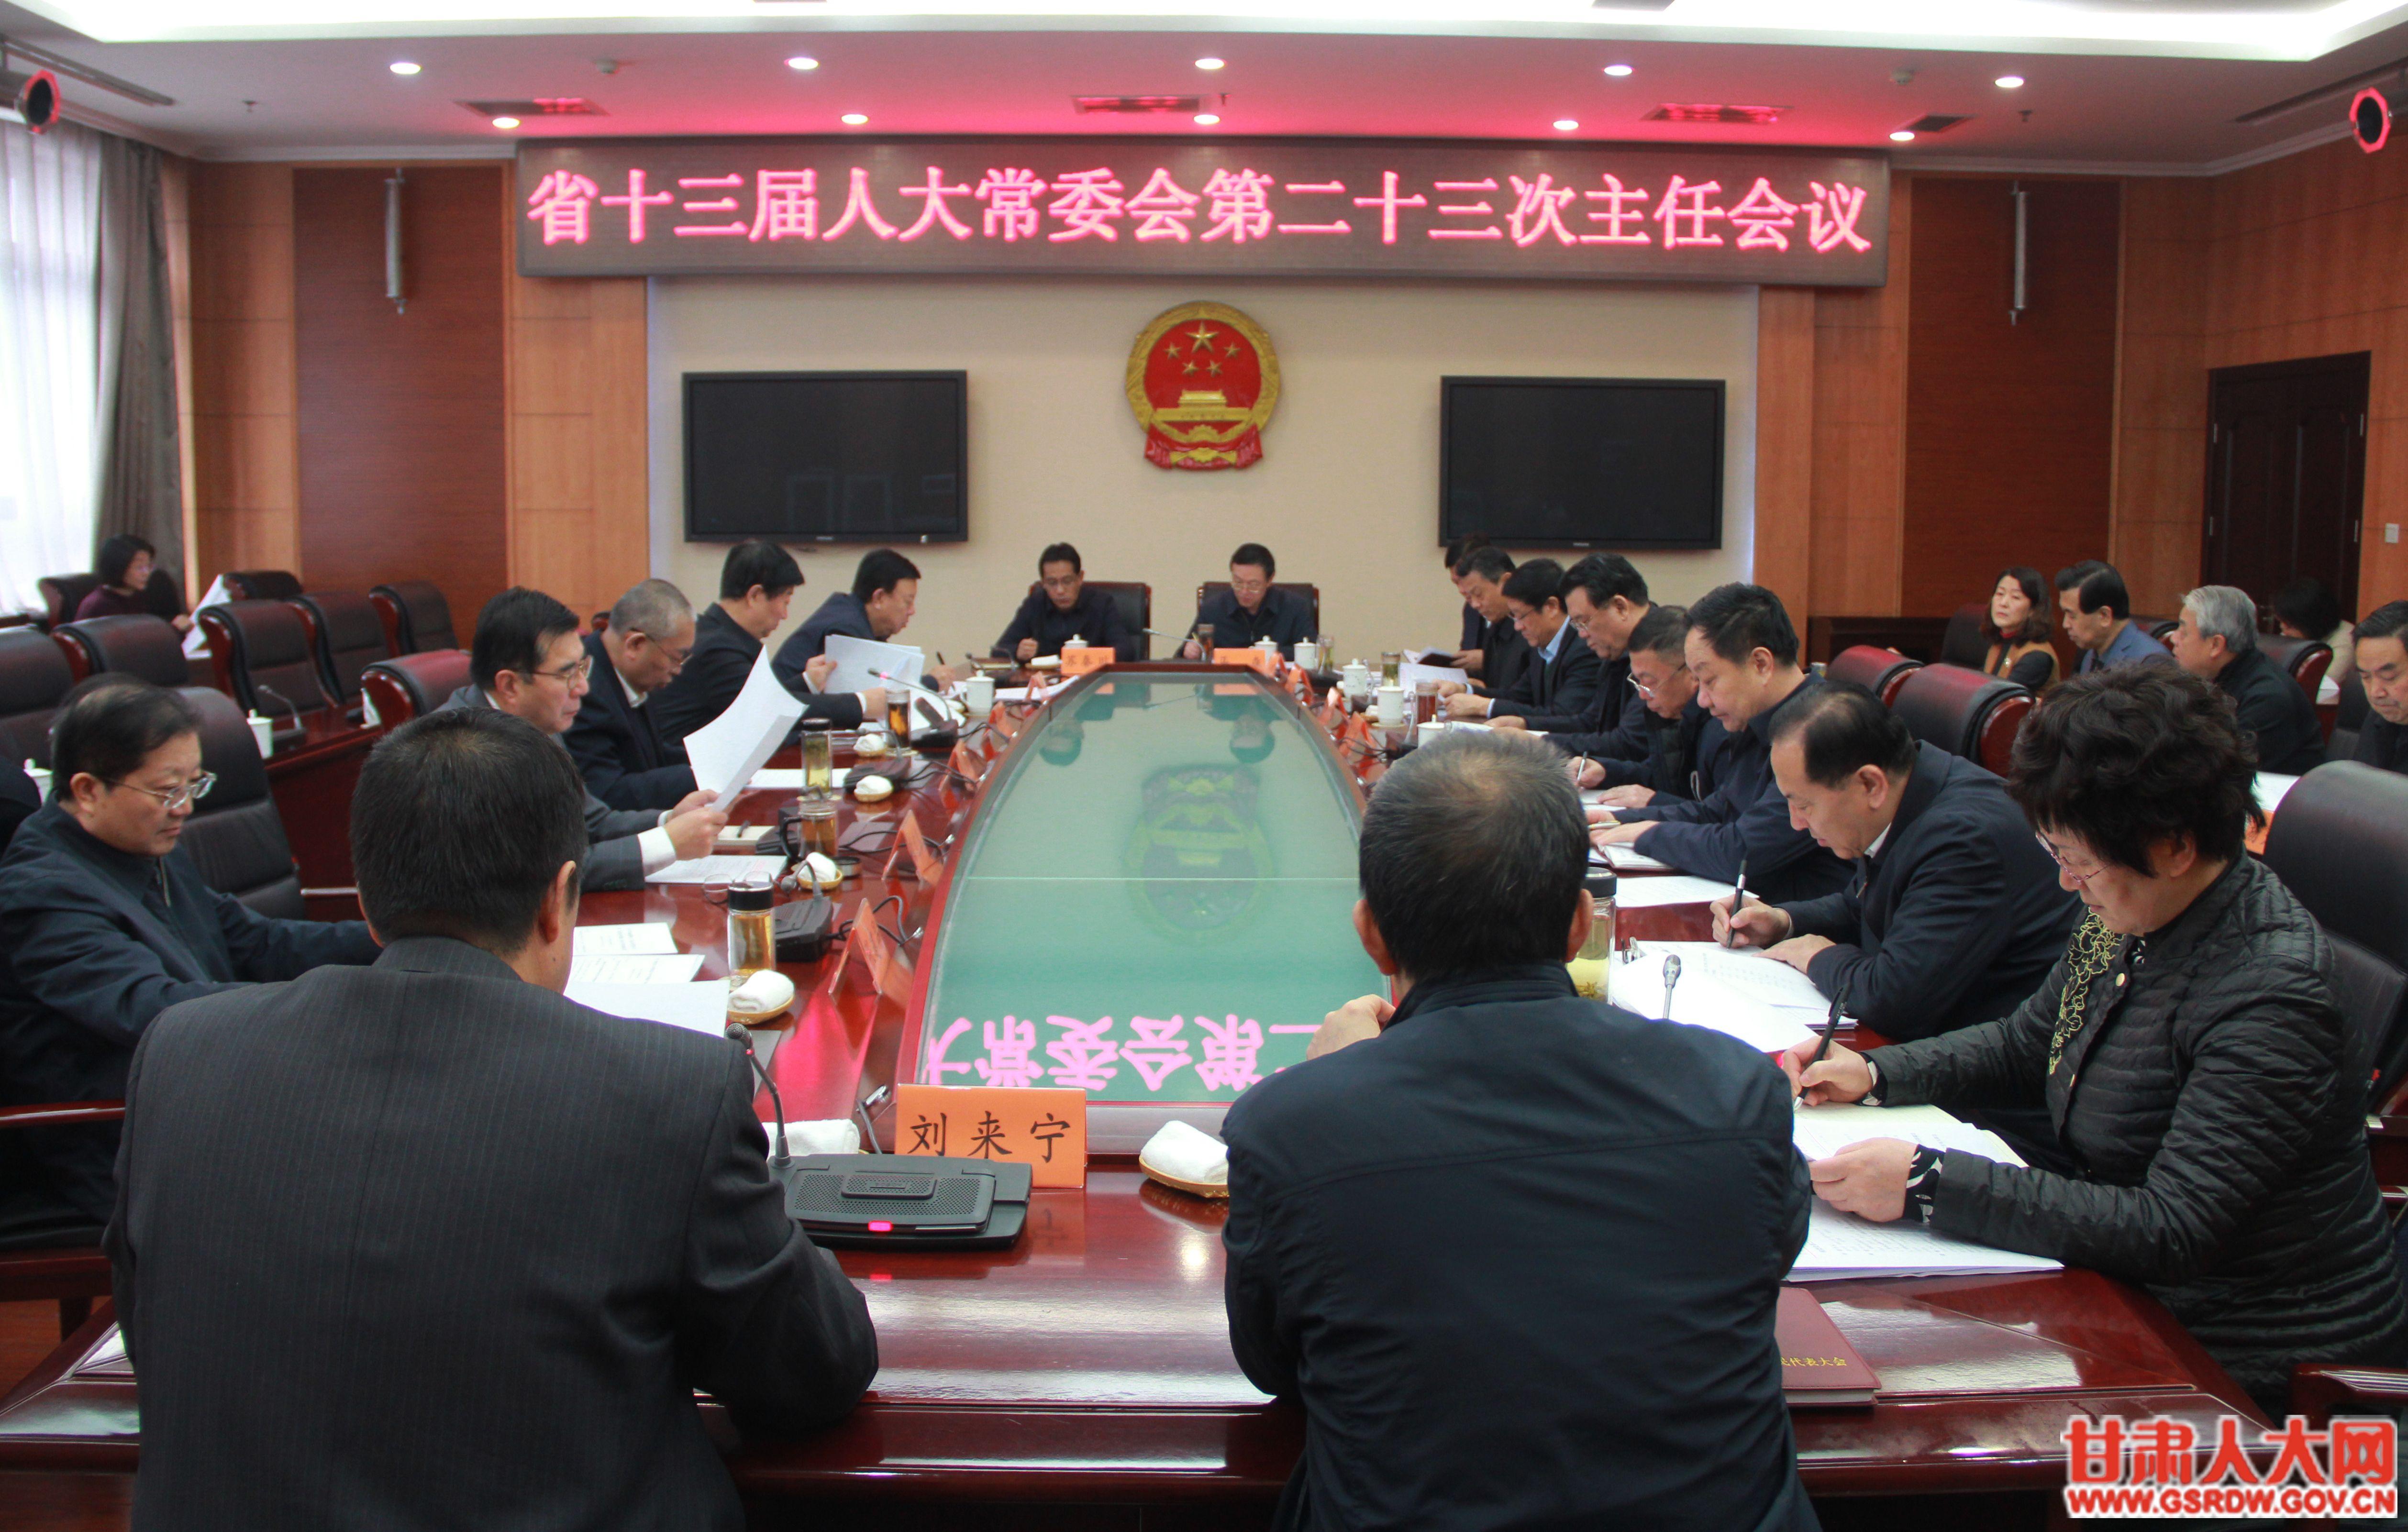 12月19日,省十三届人大常委会第二十三次主任会议召开